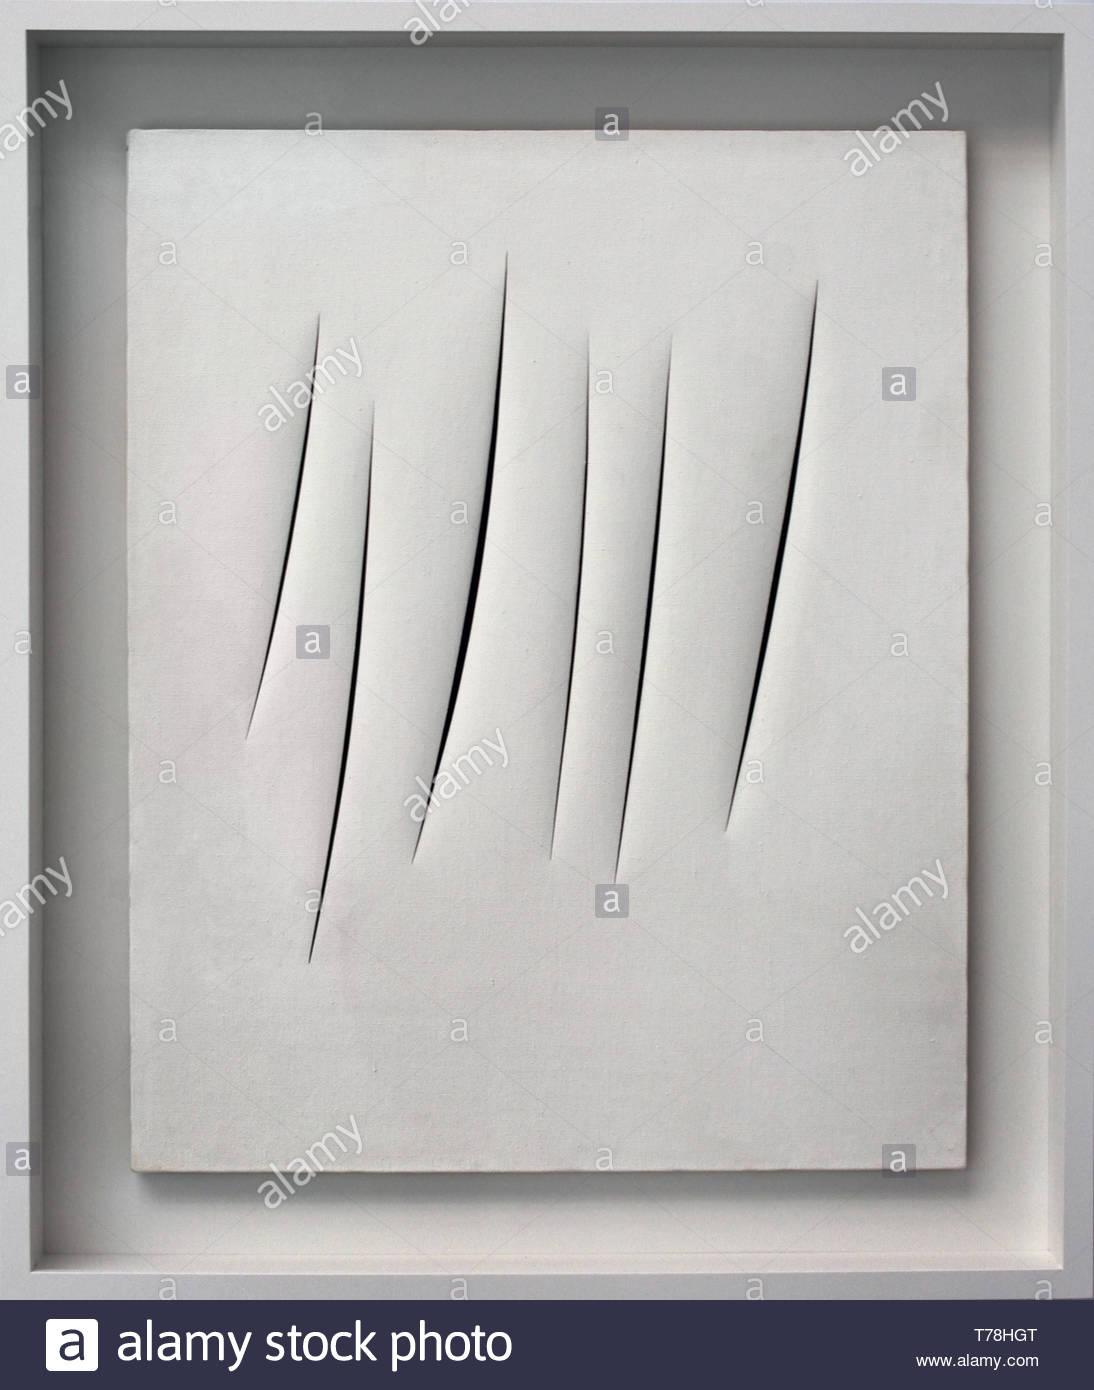 Concetto spaziale Teatrino di Lucio Fontana nato nel 1899 Argentina argentini Immagini Stock